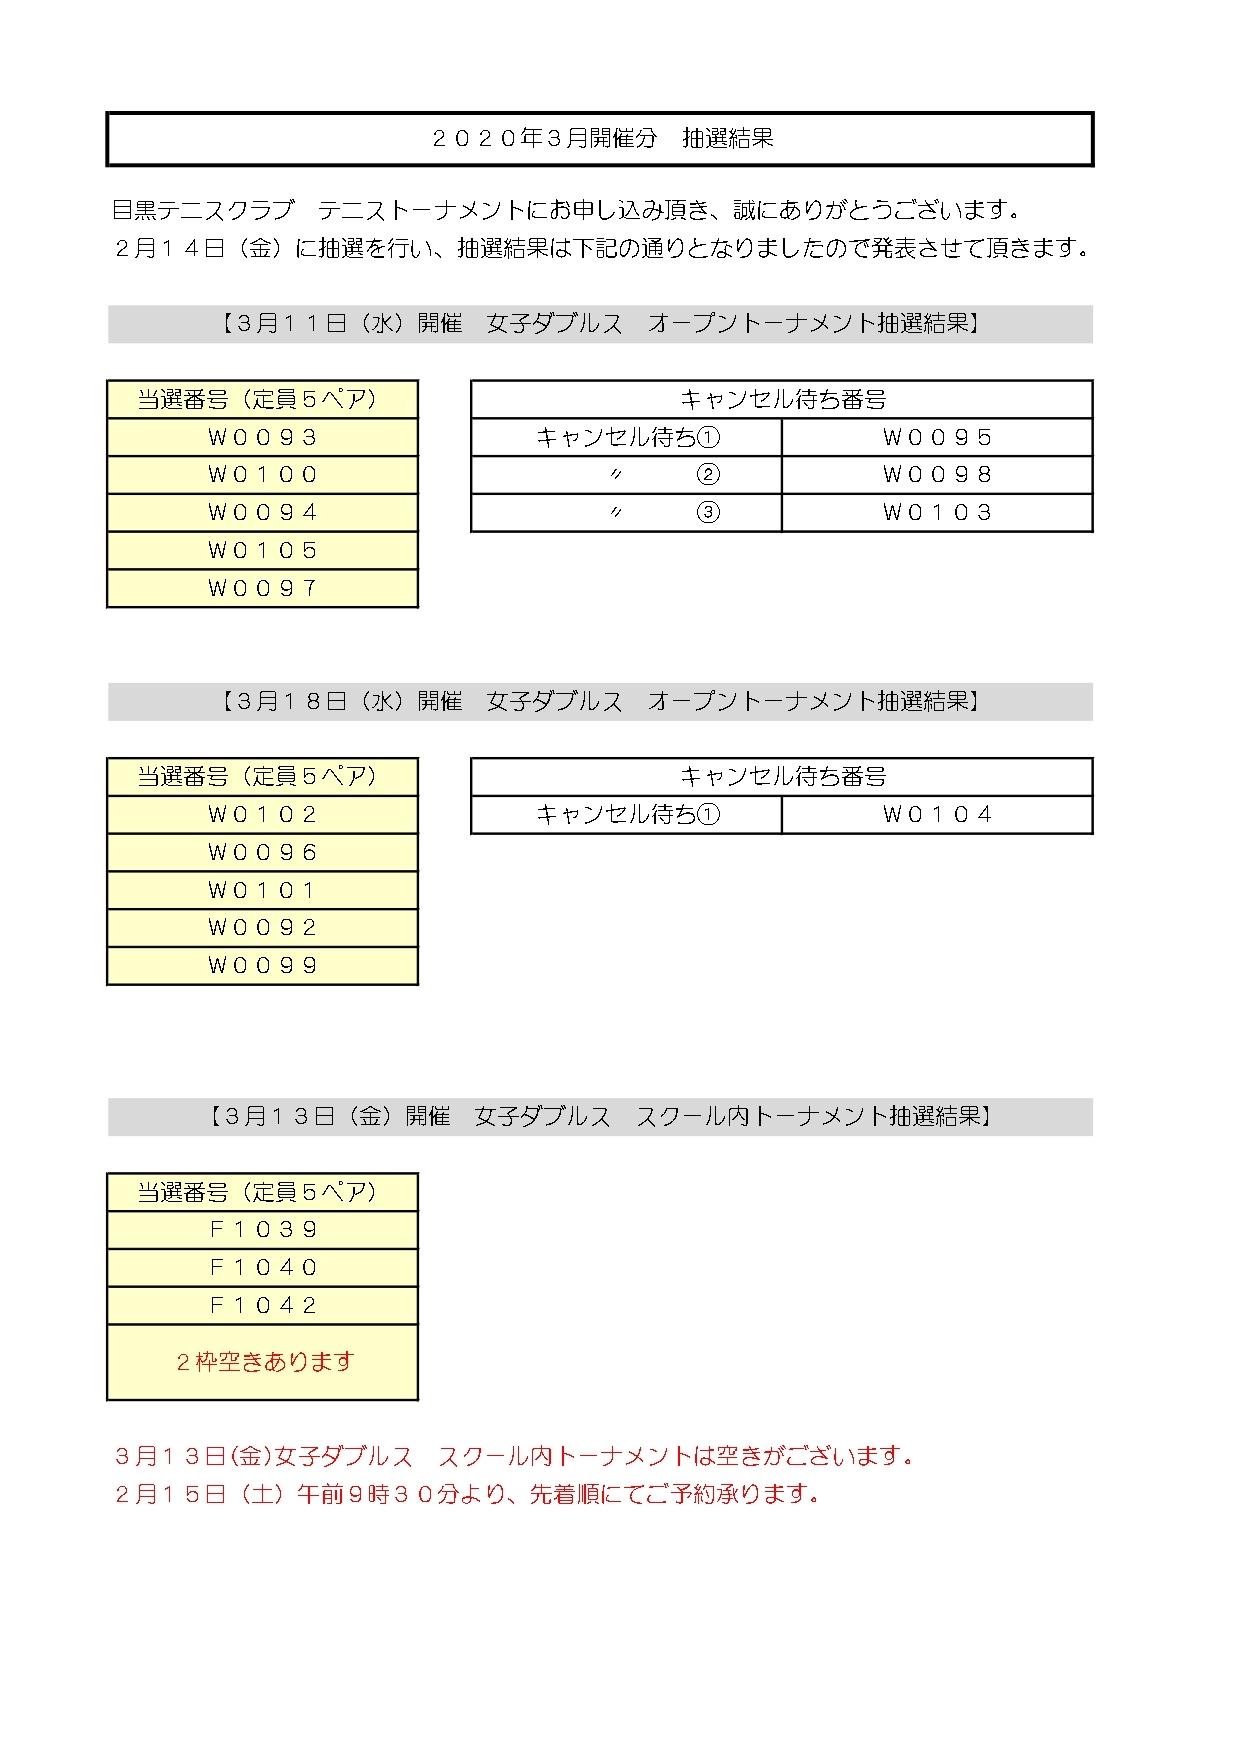 2020.3月トーナメント抽選結果_b0158200_15092284.jpg